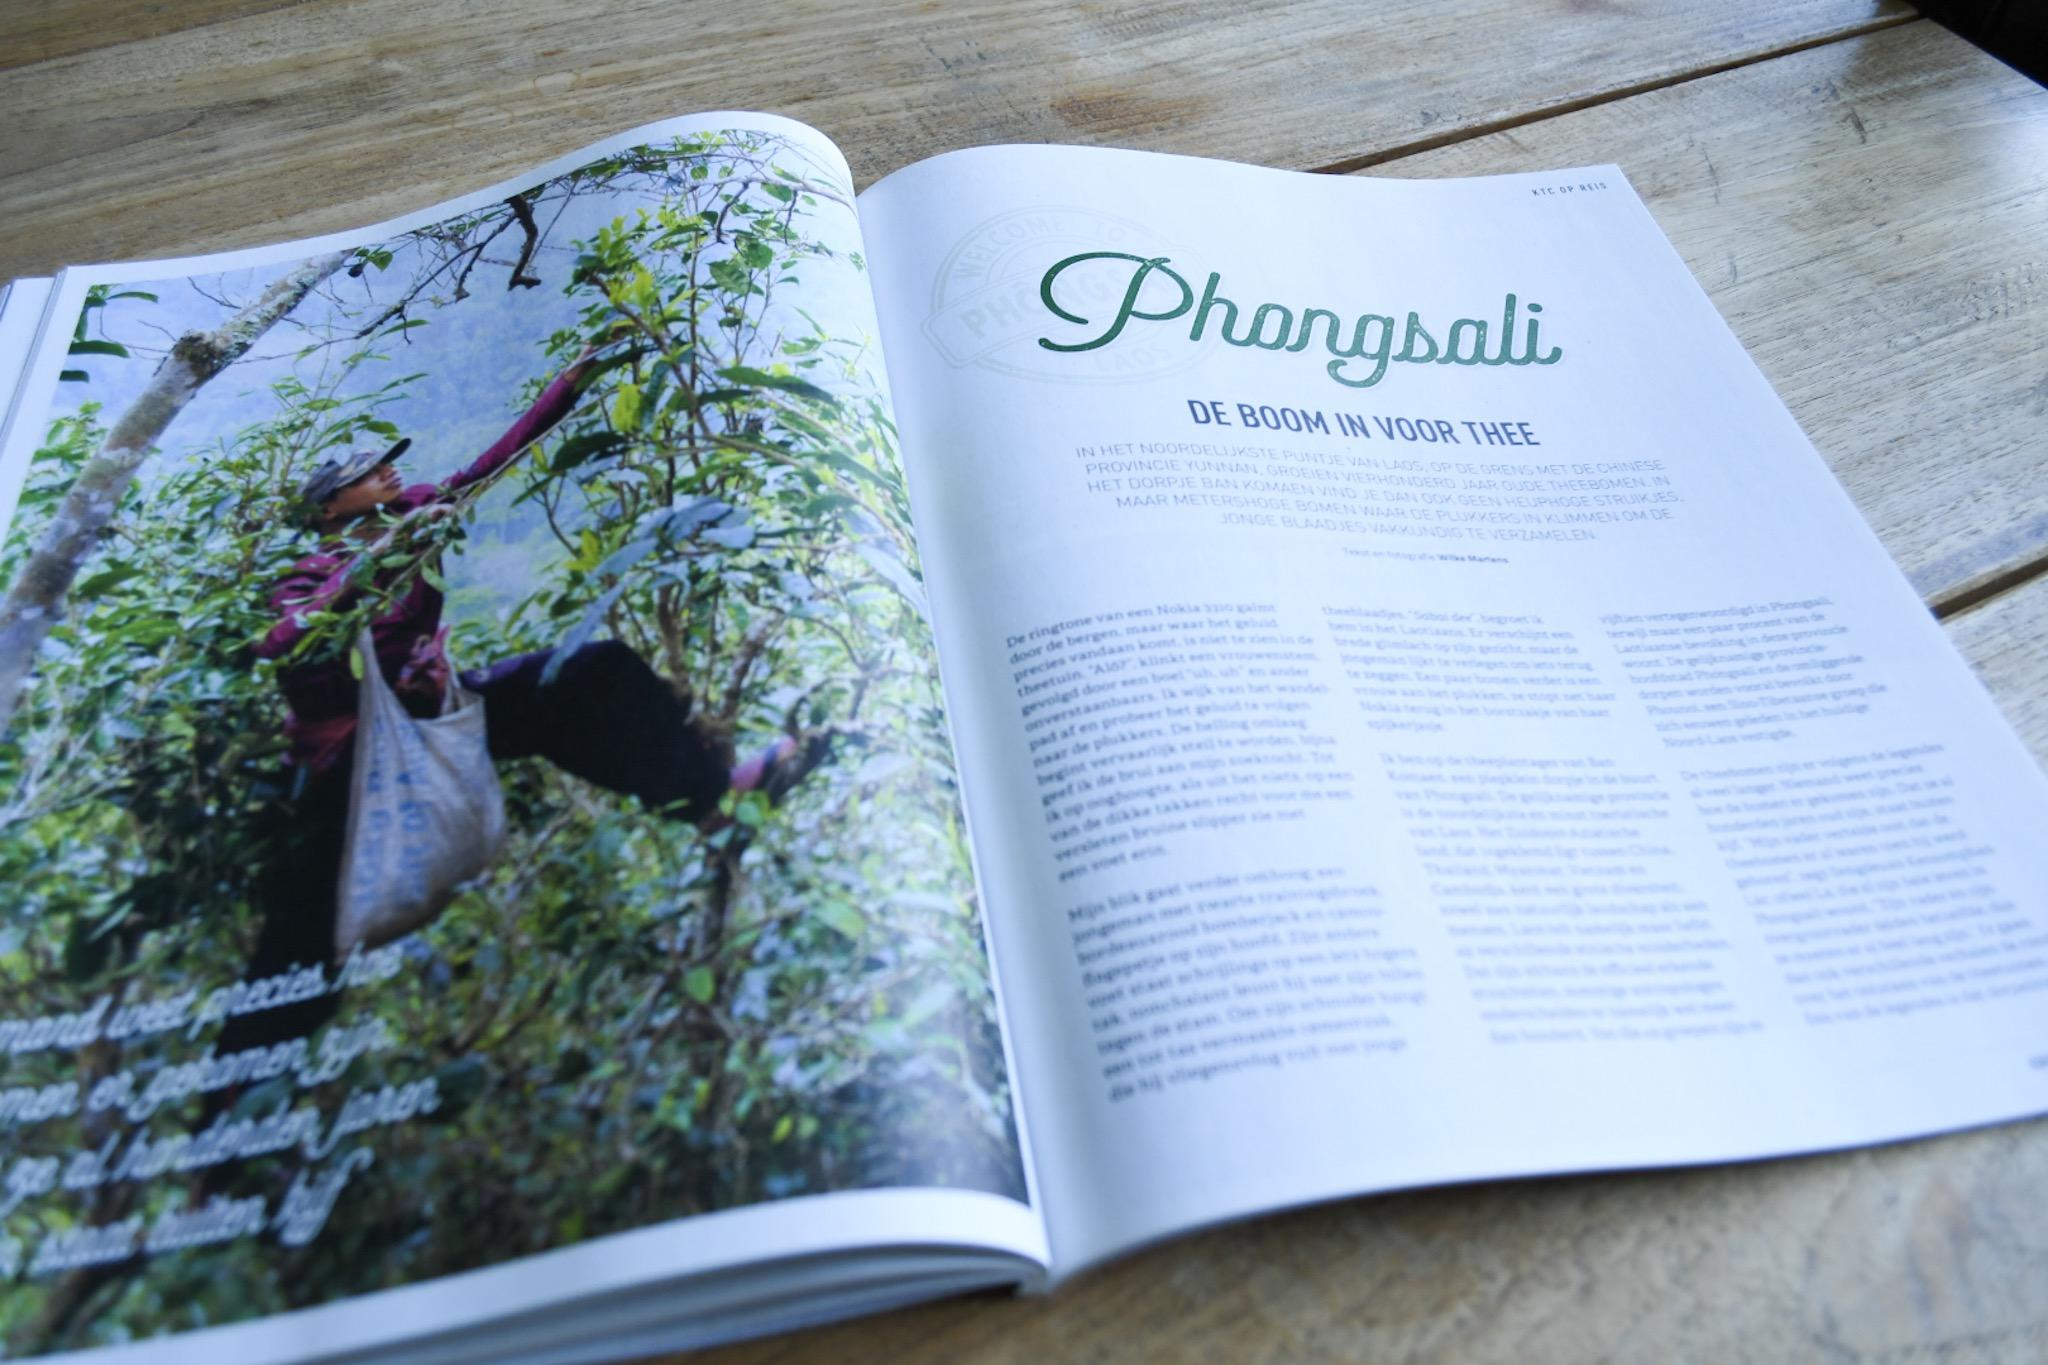 Phongsali: de boom in voor thee